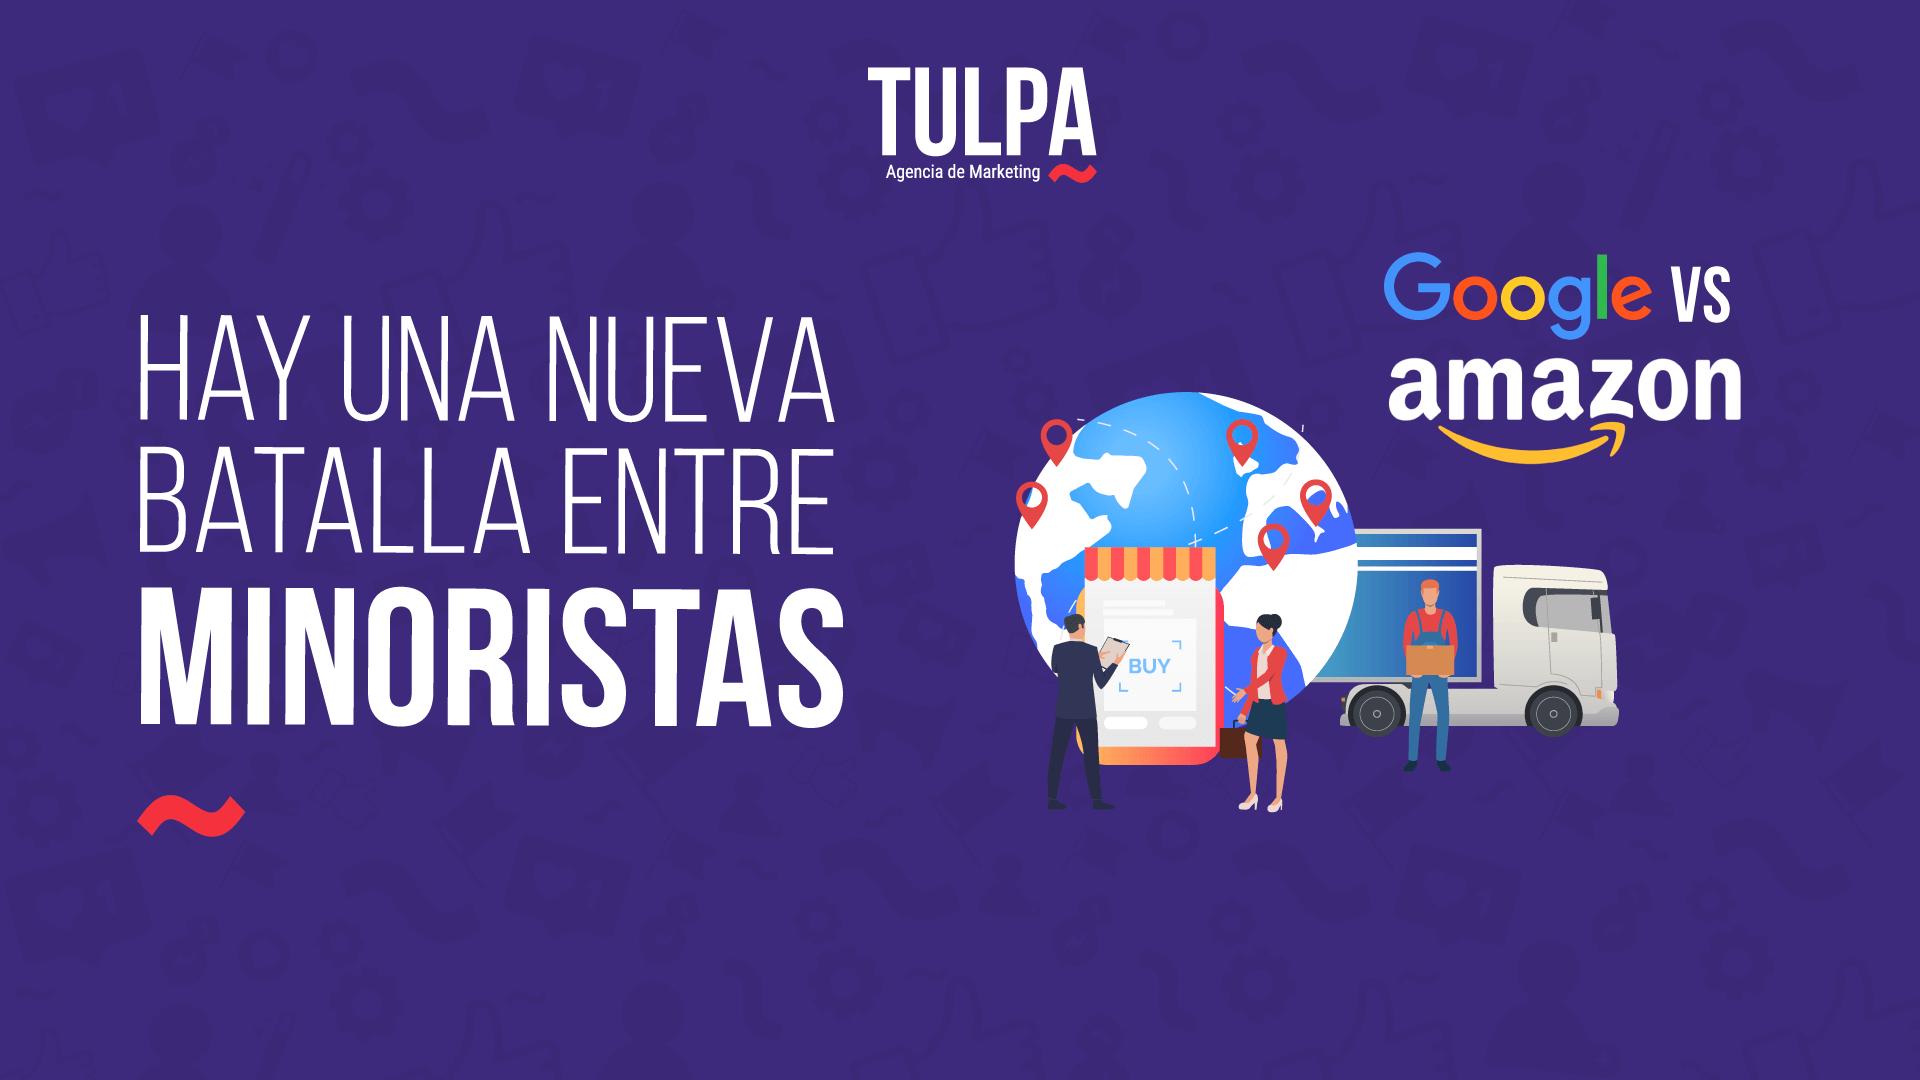 Hay una nueva batalla entre minoristas: Google vs Amazon